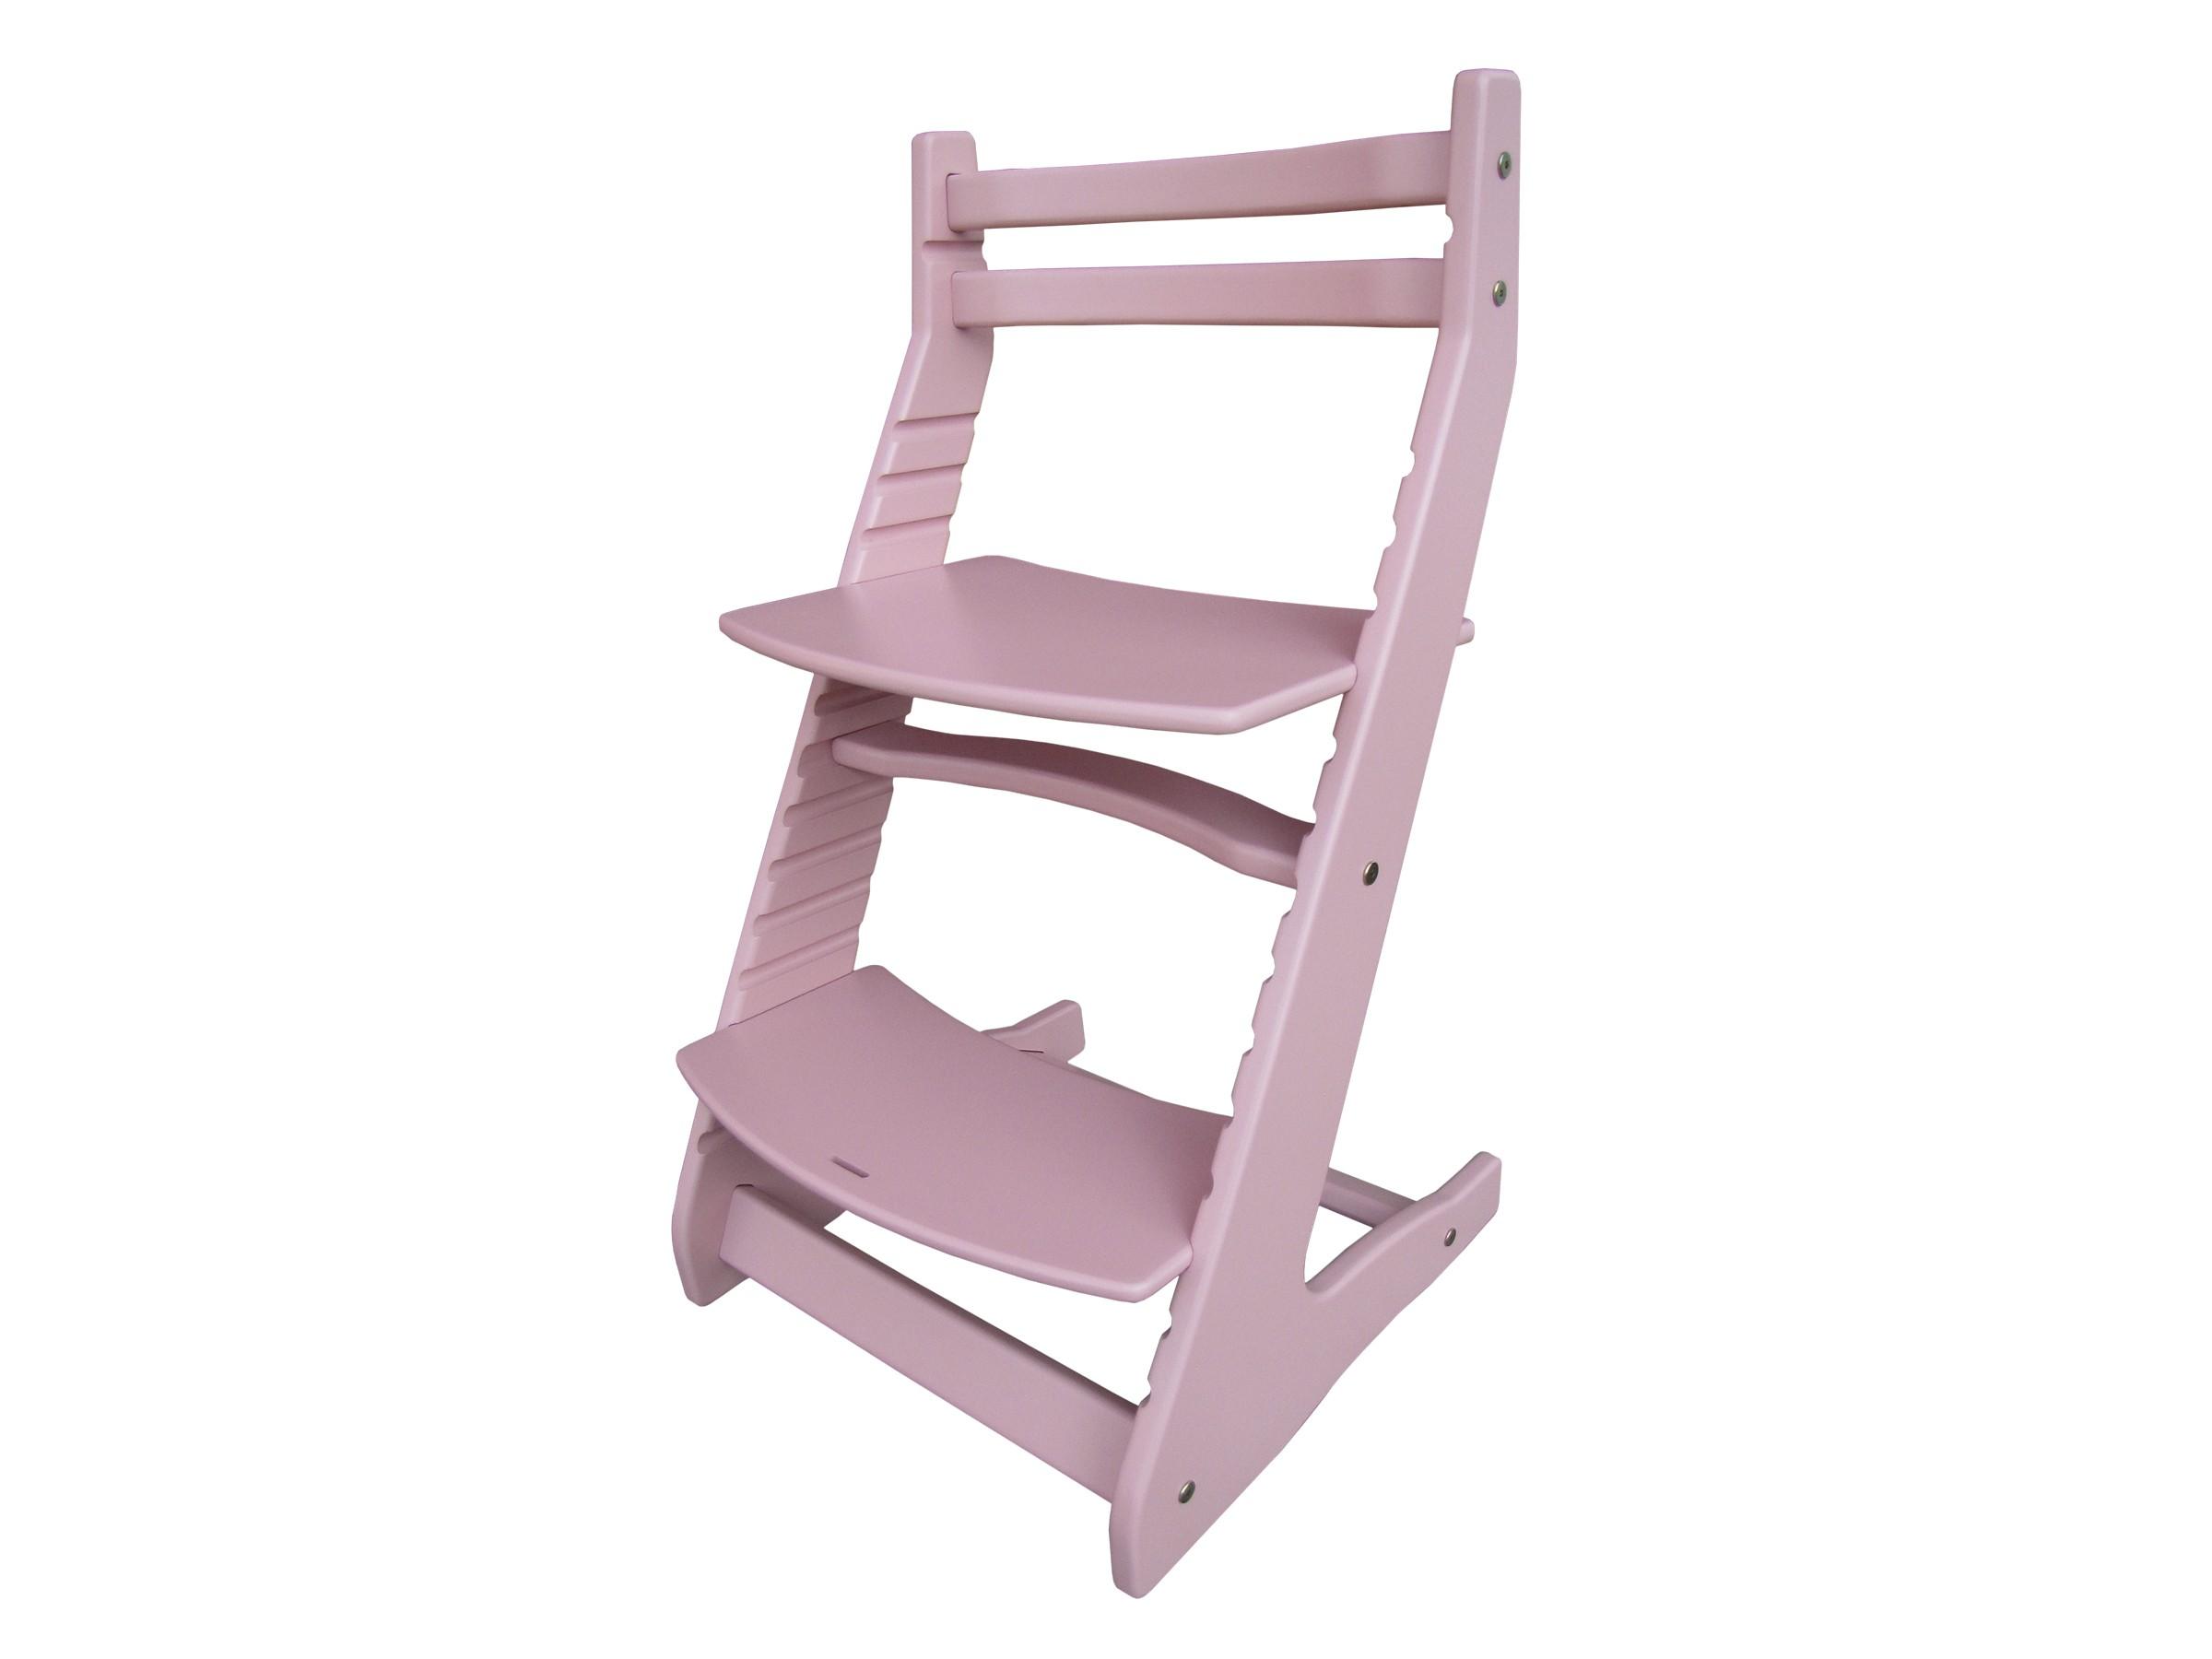 Стул детский ВырастайкаДетские стулья<br>Растущие стулья «Вырастайка» нравятся и детям, и взрослым: их лаконичный дизайн и яркая цветовая палитра отлично смотрятся в детской комнате, а высокое качество исполнения и продуманная конструкция помогают заботиться о здоровье малыша. <br>Если вы хотите сформировать у своего ребенка правильную осанку, стоит подобрать ему мебель, соответствующую его росту и фигуре. Даже если ваше чадо растет очень быстро, стульчик «Вырастайка» будет расти одновременно с ним: меняя высоту и глубину сидения, вы легко отрегулируете его положение так, чтобы малыш мог принять правильную позу, не чувствуя при этом дискомфорта.&amp;amp;nbsp;&amp;lt;div&amp;gt;&amp;lt;br&amp;gt;&amp;lt;div&amp;gt;Стулья «Вырастайка» производятся из экологически чистых материалов: легкая и прочная березовая фанера выдерживает массу до 100 кг. Стульчик сложно раскачать или опрокинуть, поэтому вы сможете быть спокойны за безопасность вашего малыша.&amp;lt;/div&amp;gt;&amp;lt;/div&amp;gt;<br><br>Material: Фанера<br>Ширина см: 46.0<br>Высота см: 80.0<br>Глубина см: 50.0